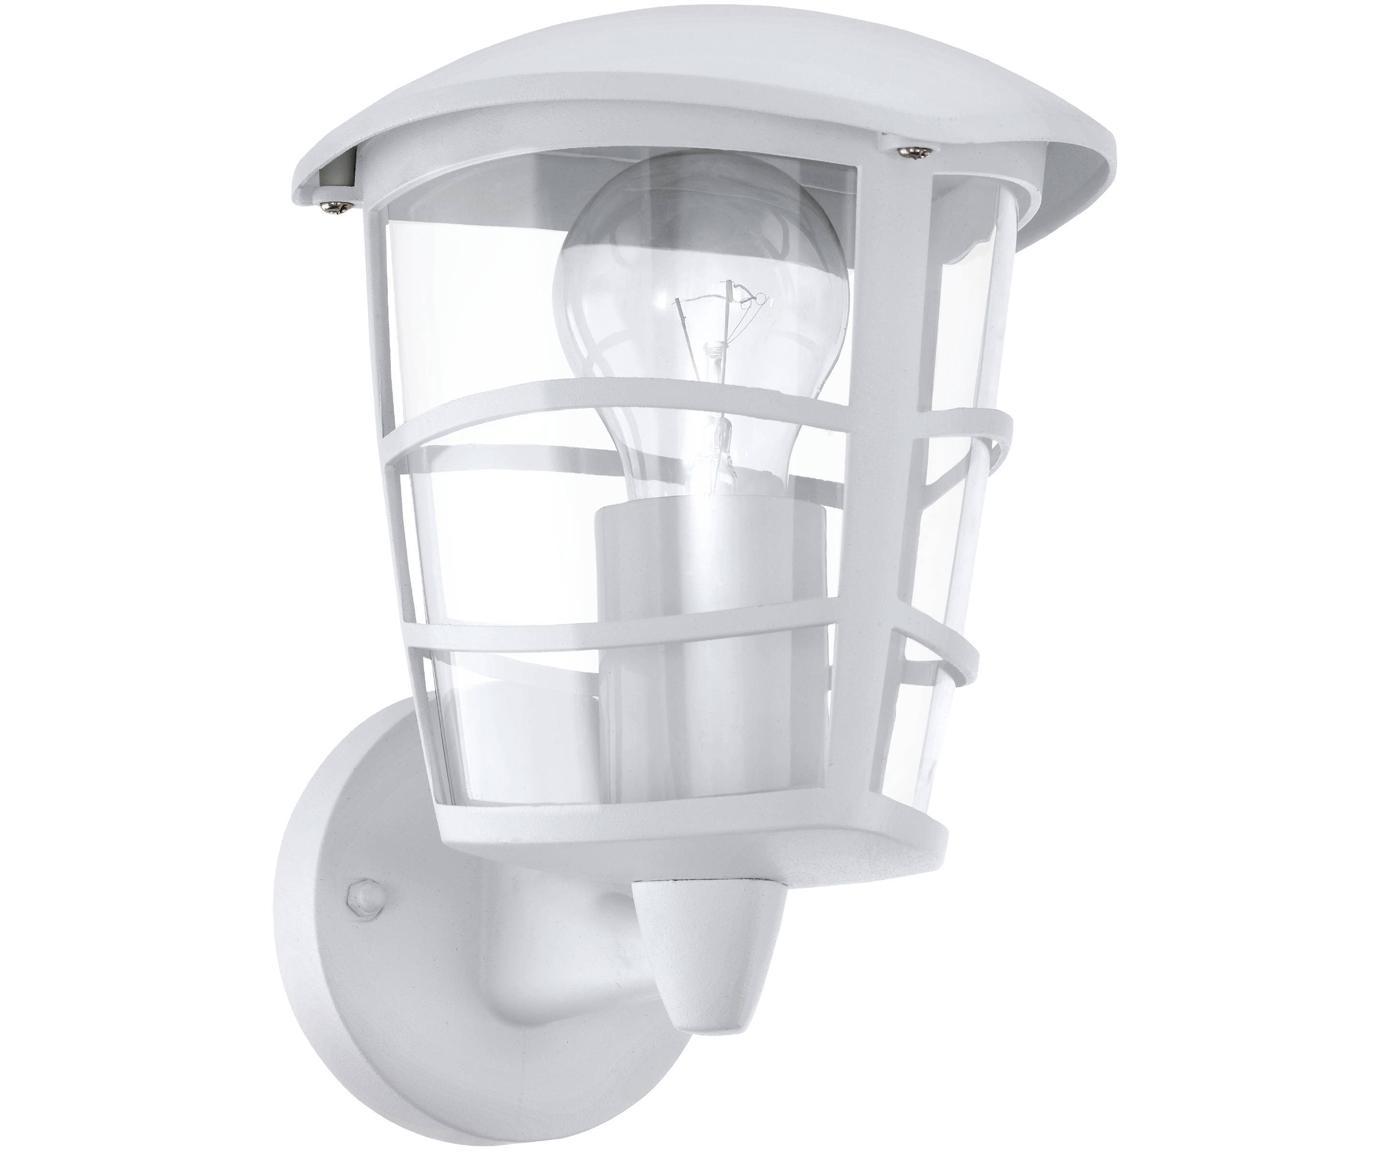 Aplique para exterior Aloria, Pantalla: plástico, Estructura: aluminio, Fijación: aluminio, Blanco, An 17 x F 23 cm